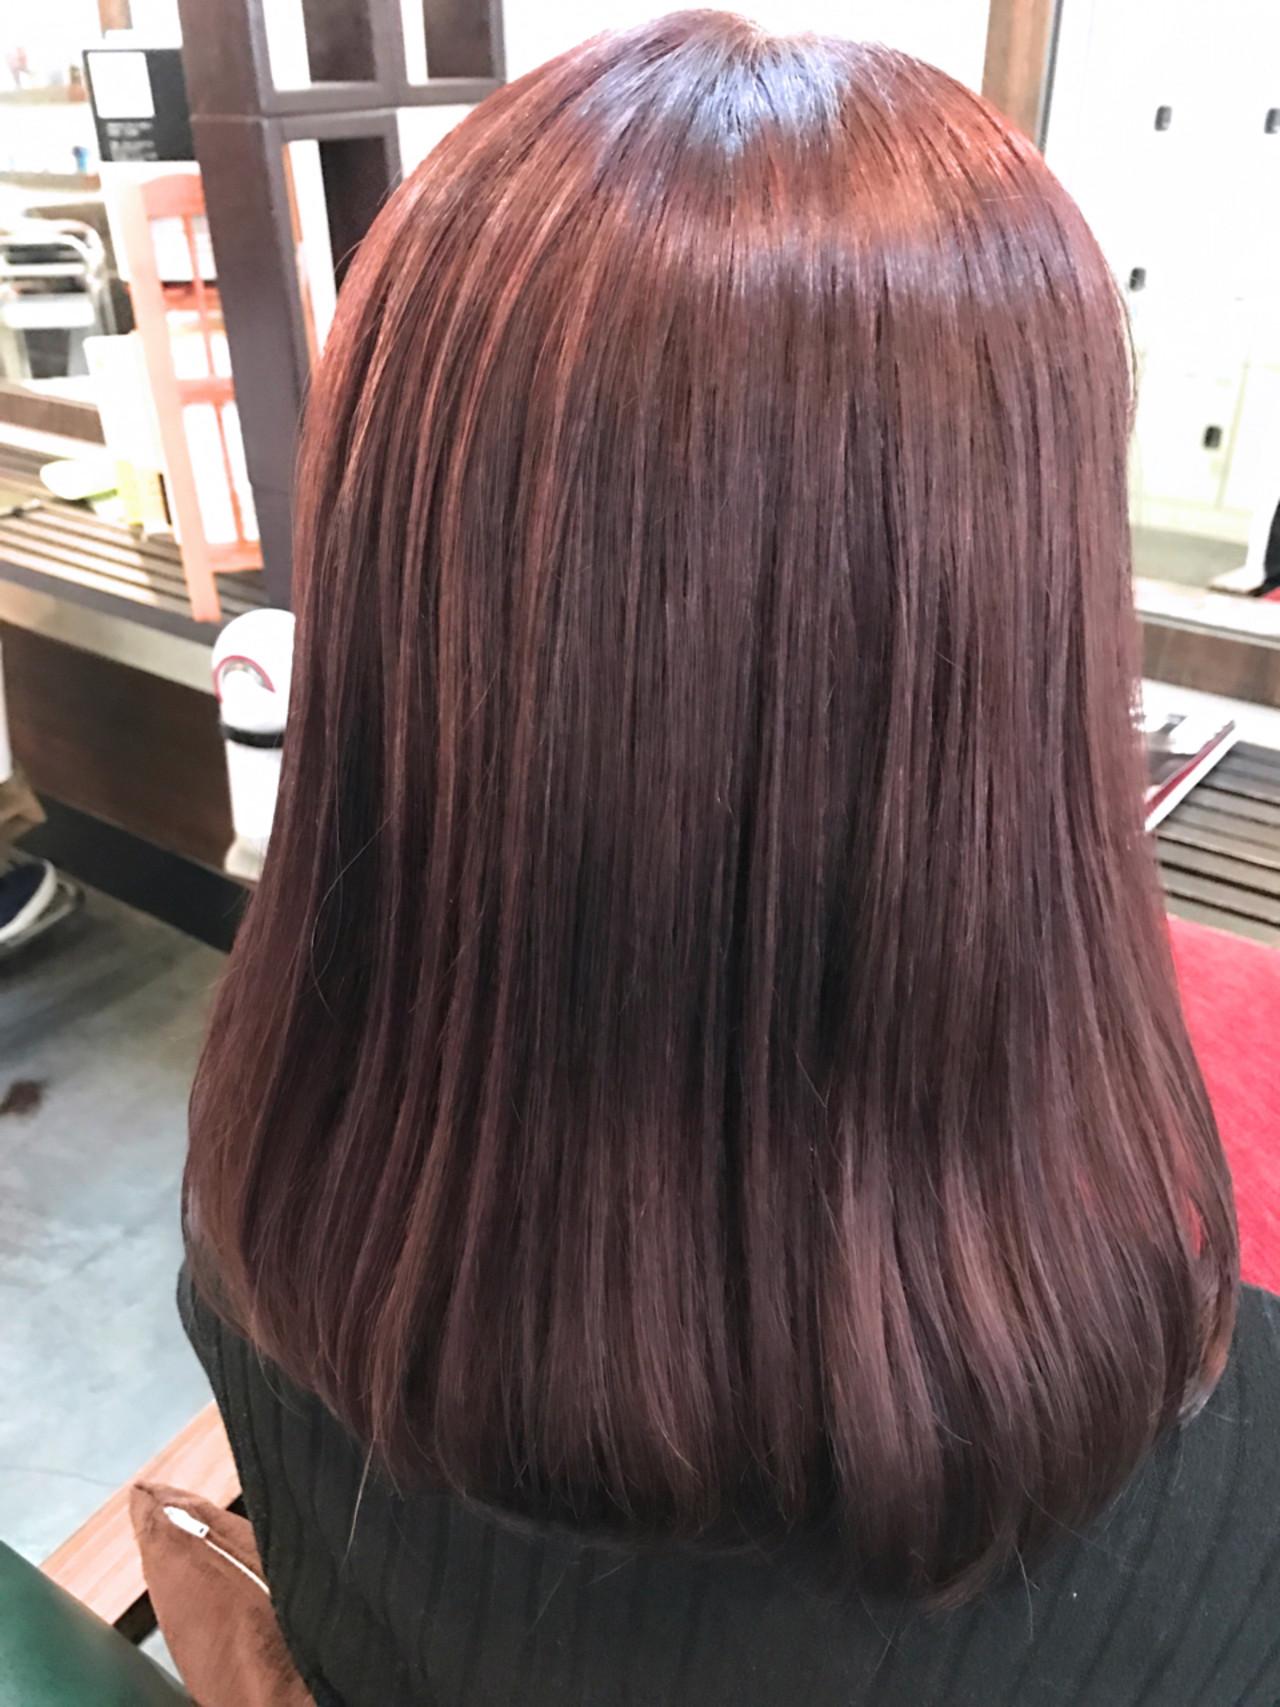 ナチュラル セミロング ミルクティー ピンク ヘアスタイルや髪型の写真・画像 | 井上瑛絵 / vicushair